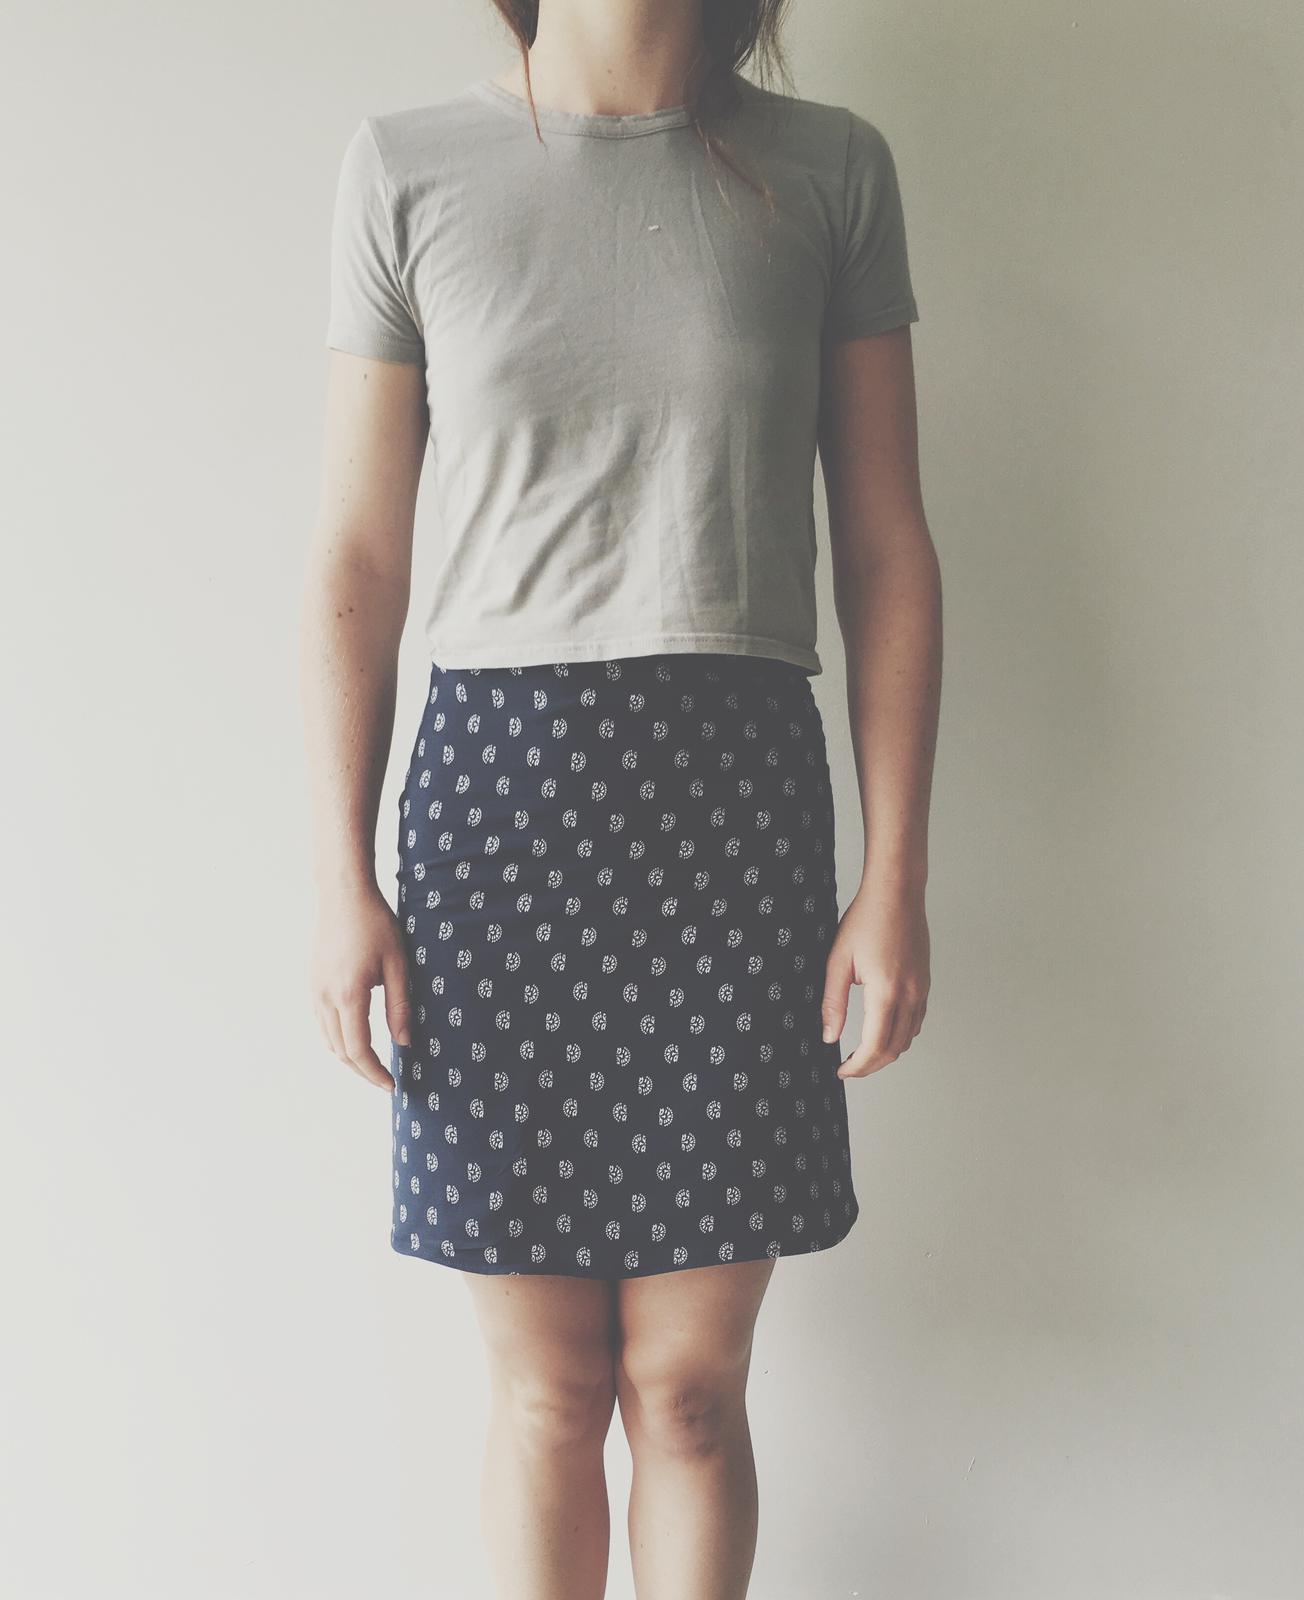 Manley Skirt